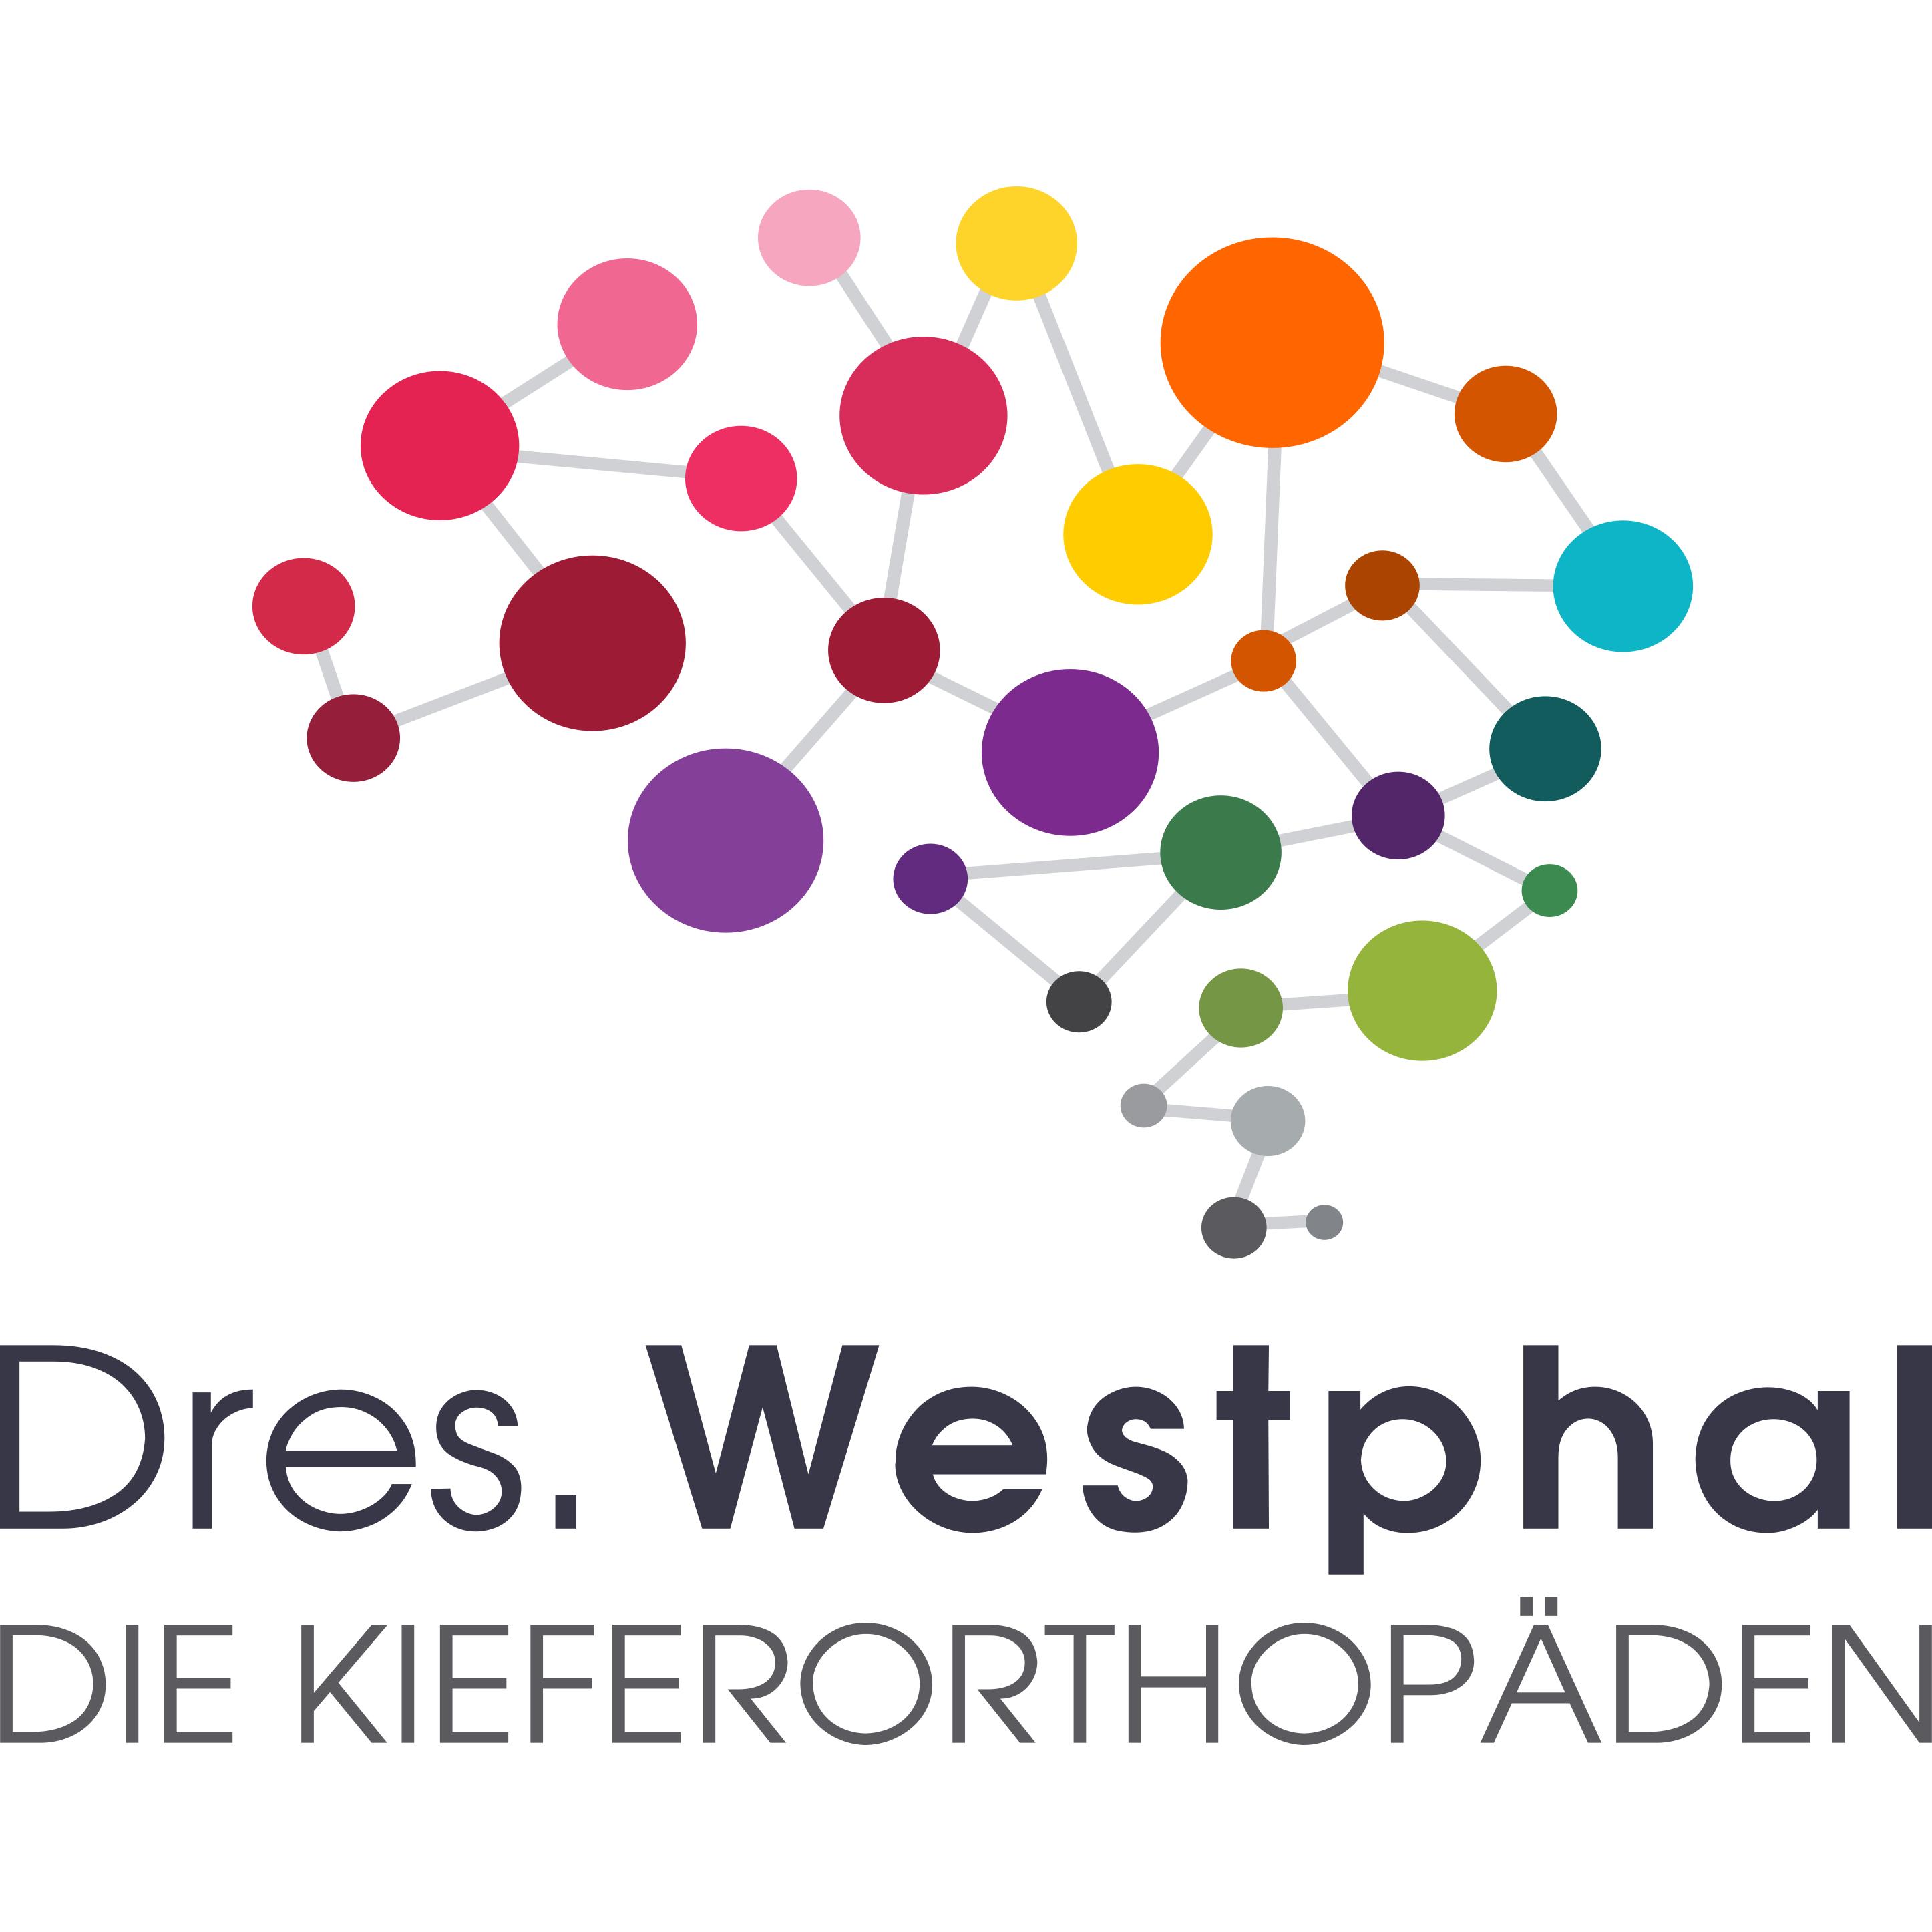 Bild zu Dres. Westphal - Die Kieferorthopäden in Bayreuth